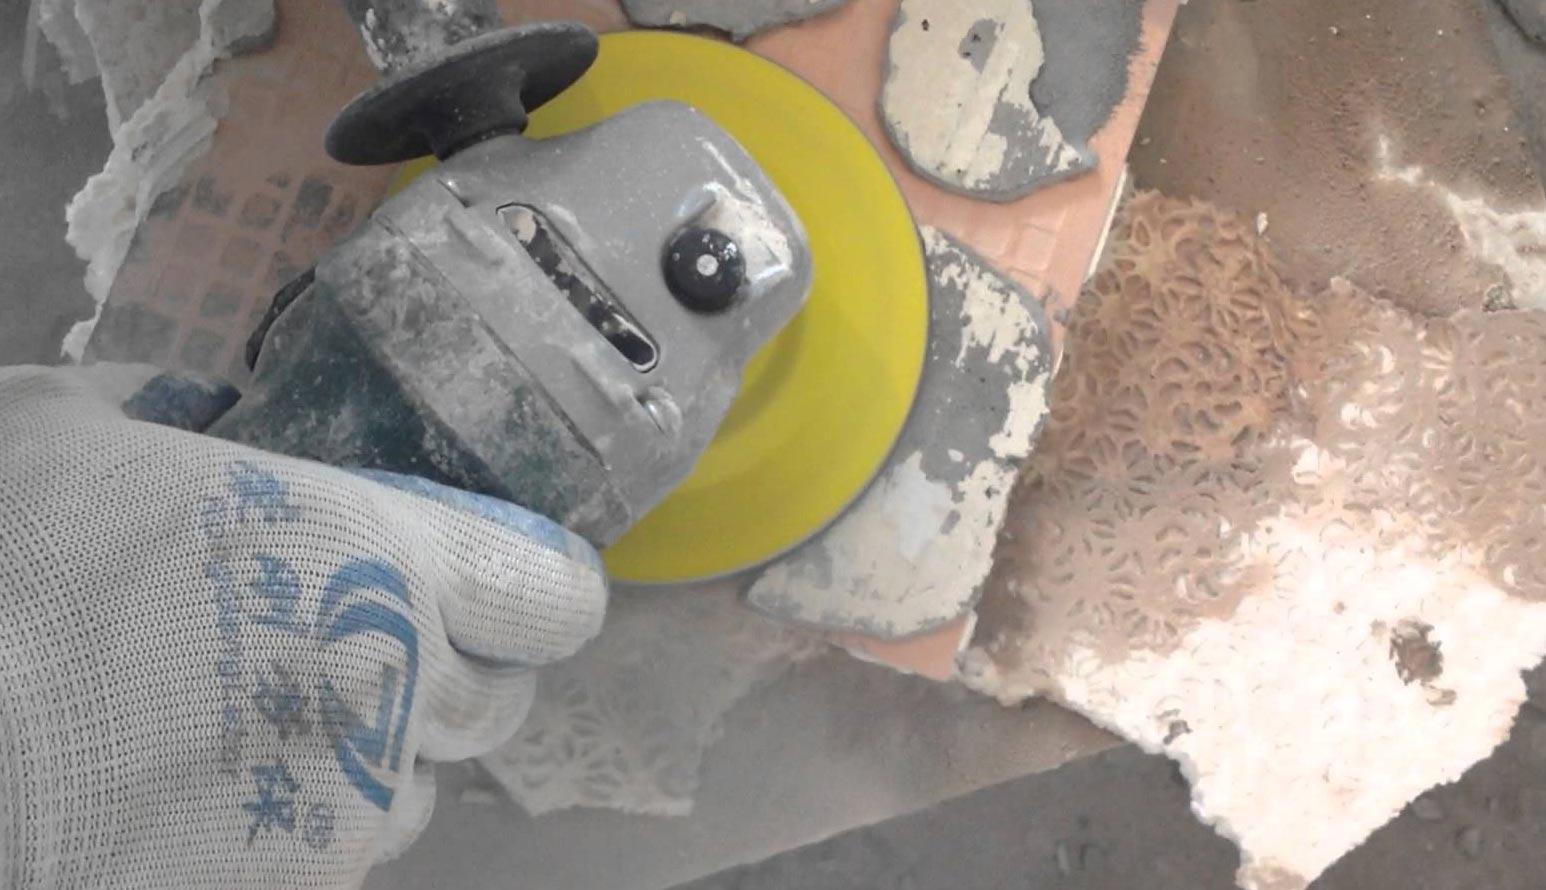 очистка плитки от клея с обратной стороны плитки